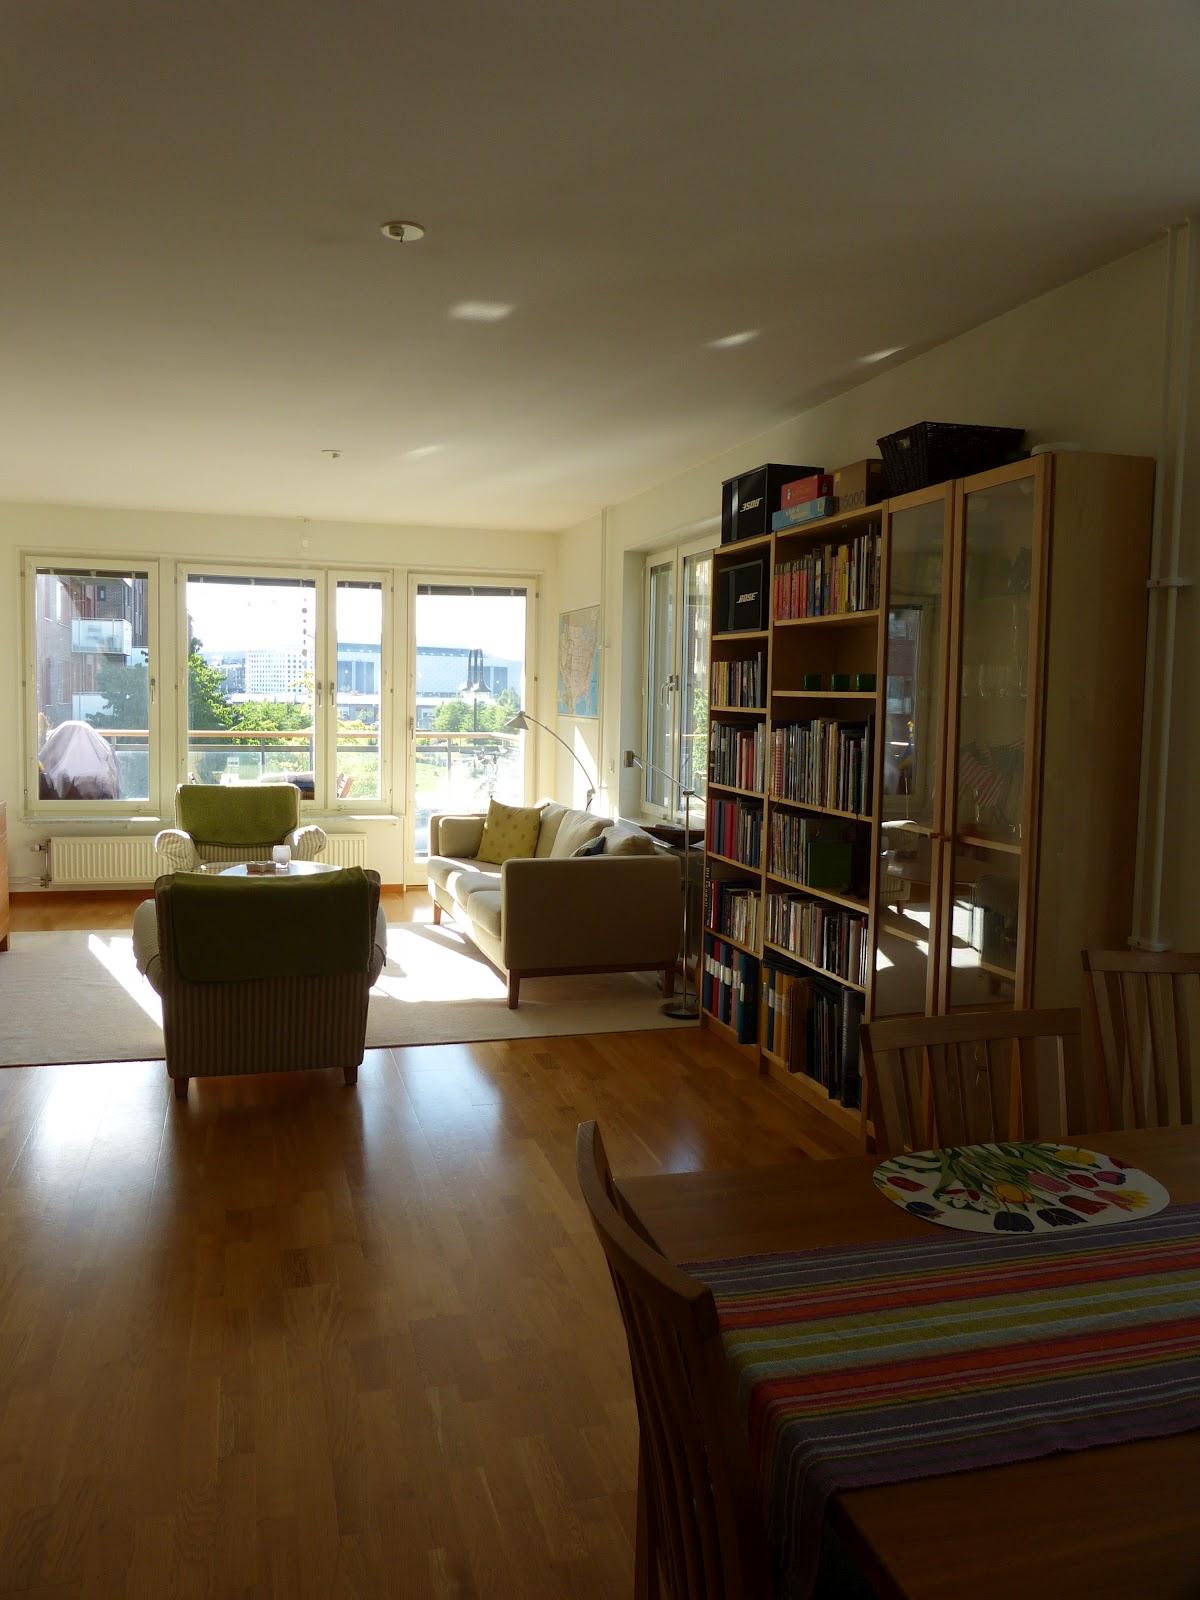 Sweet home sweden: välkommen till vårt nya hem